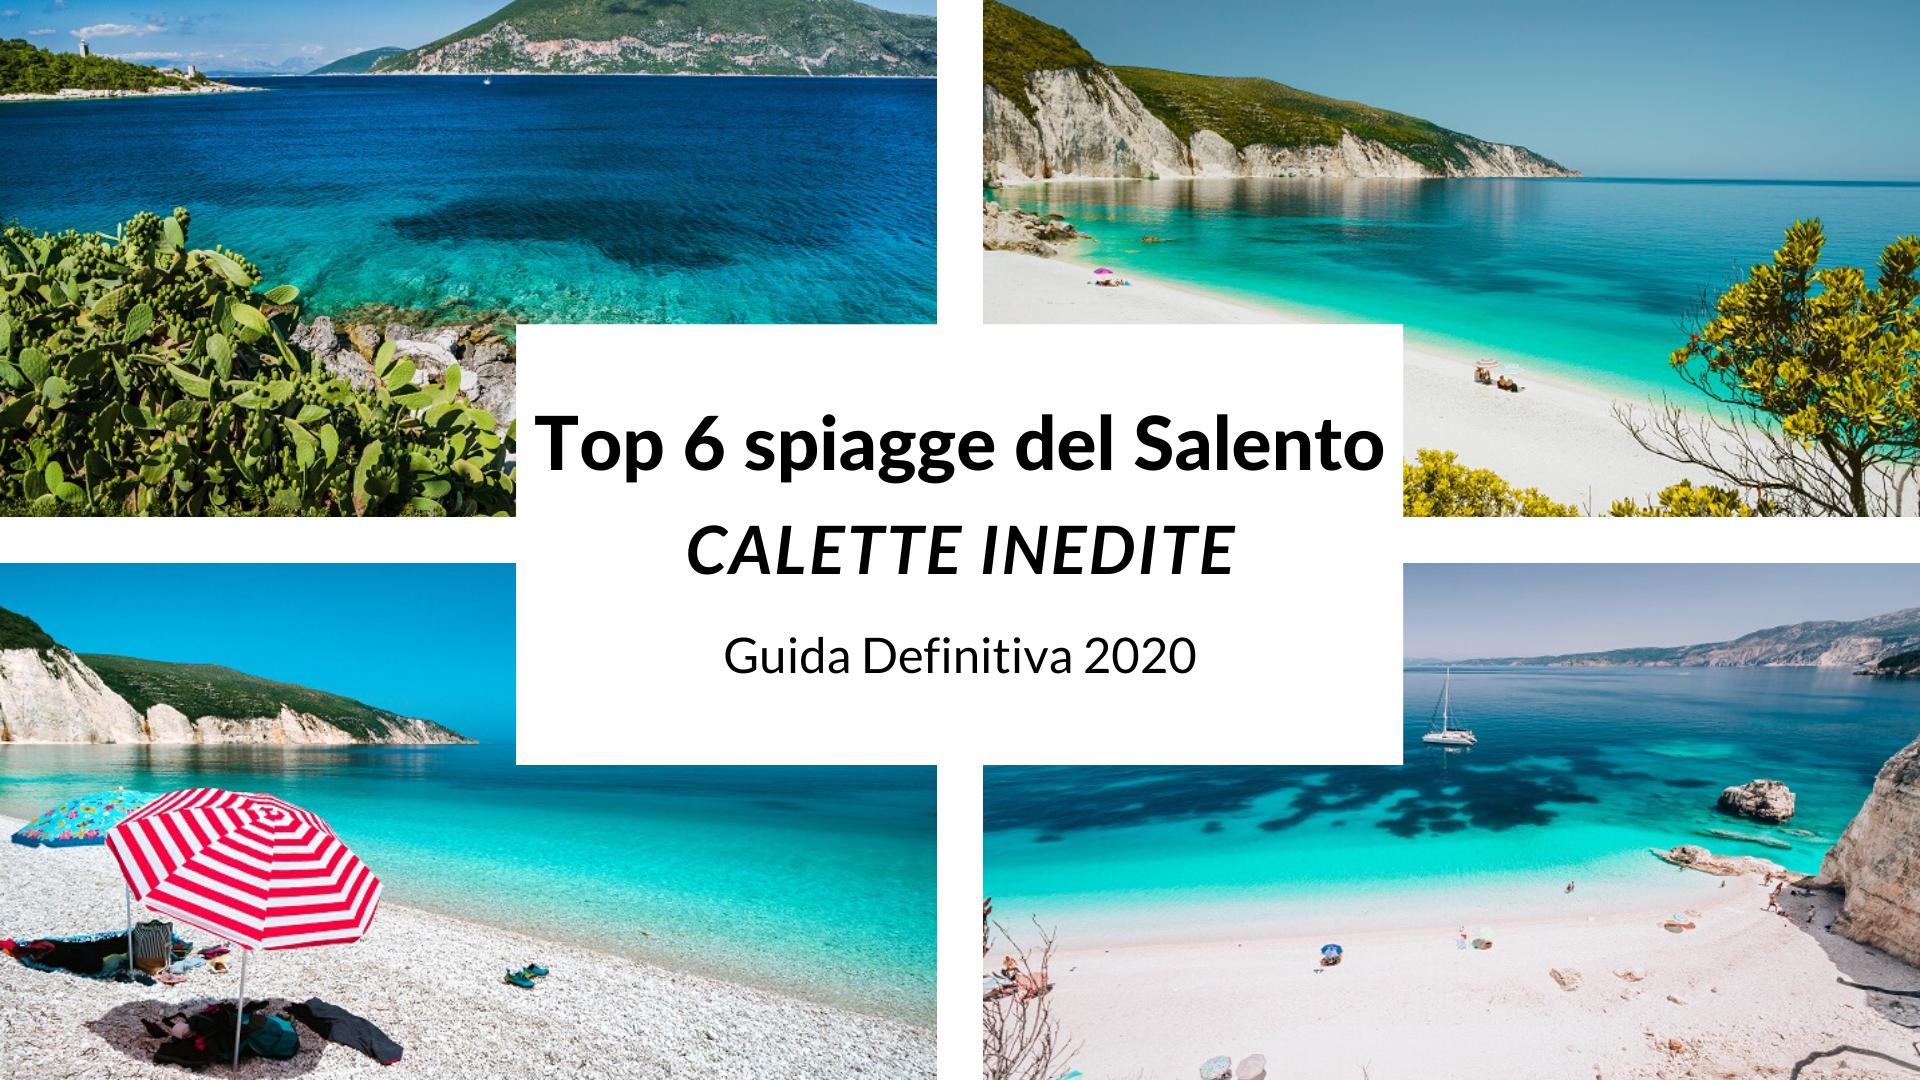 Top-6-spiagge-del-Salento1.png